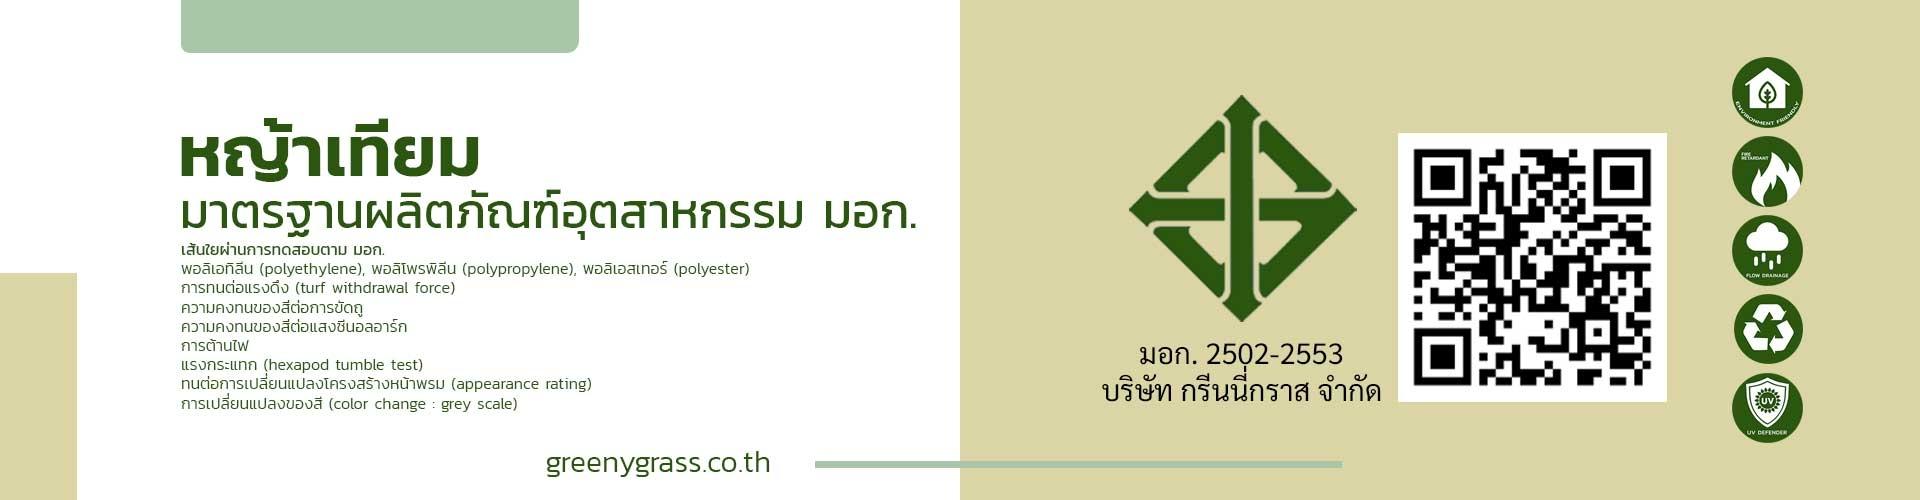 หญ้าเทียมมาตรฐานผลิตภัณฑ์อุตสาหกรรม มอก.